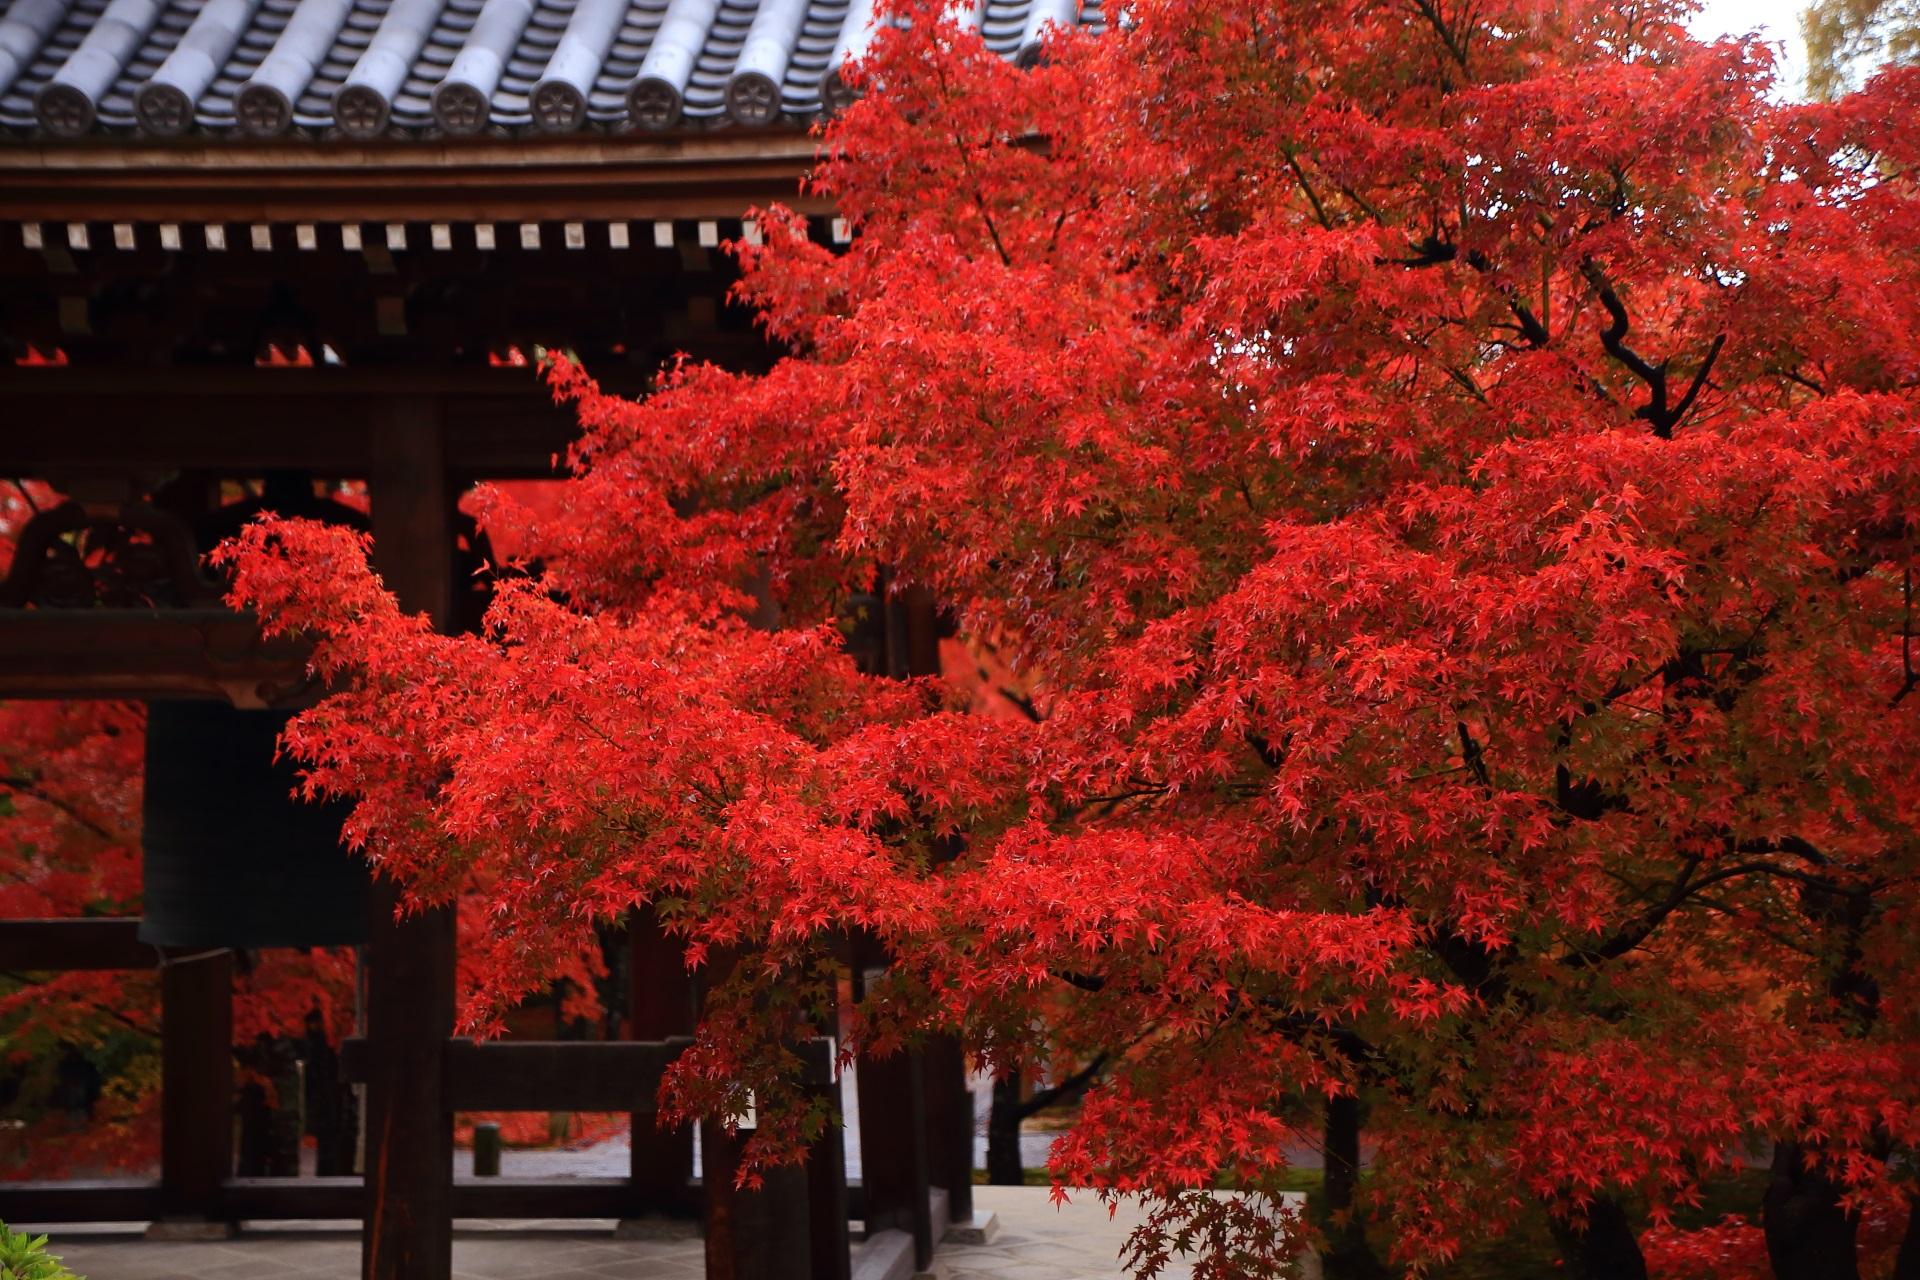 智積院の鐘楼を染める燃え上がるような紅葉